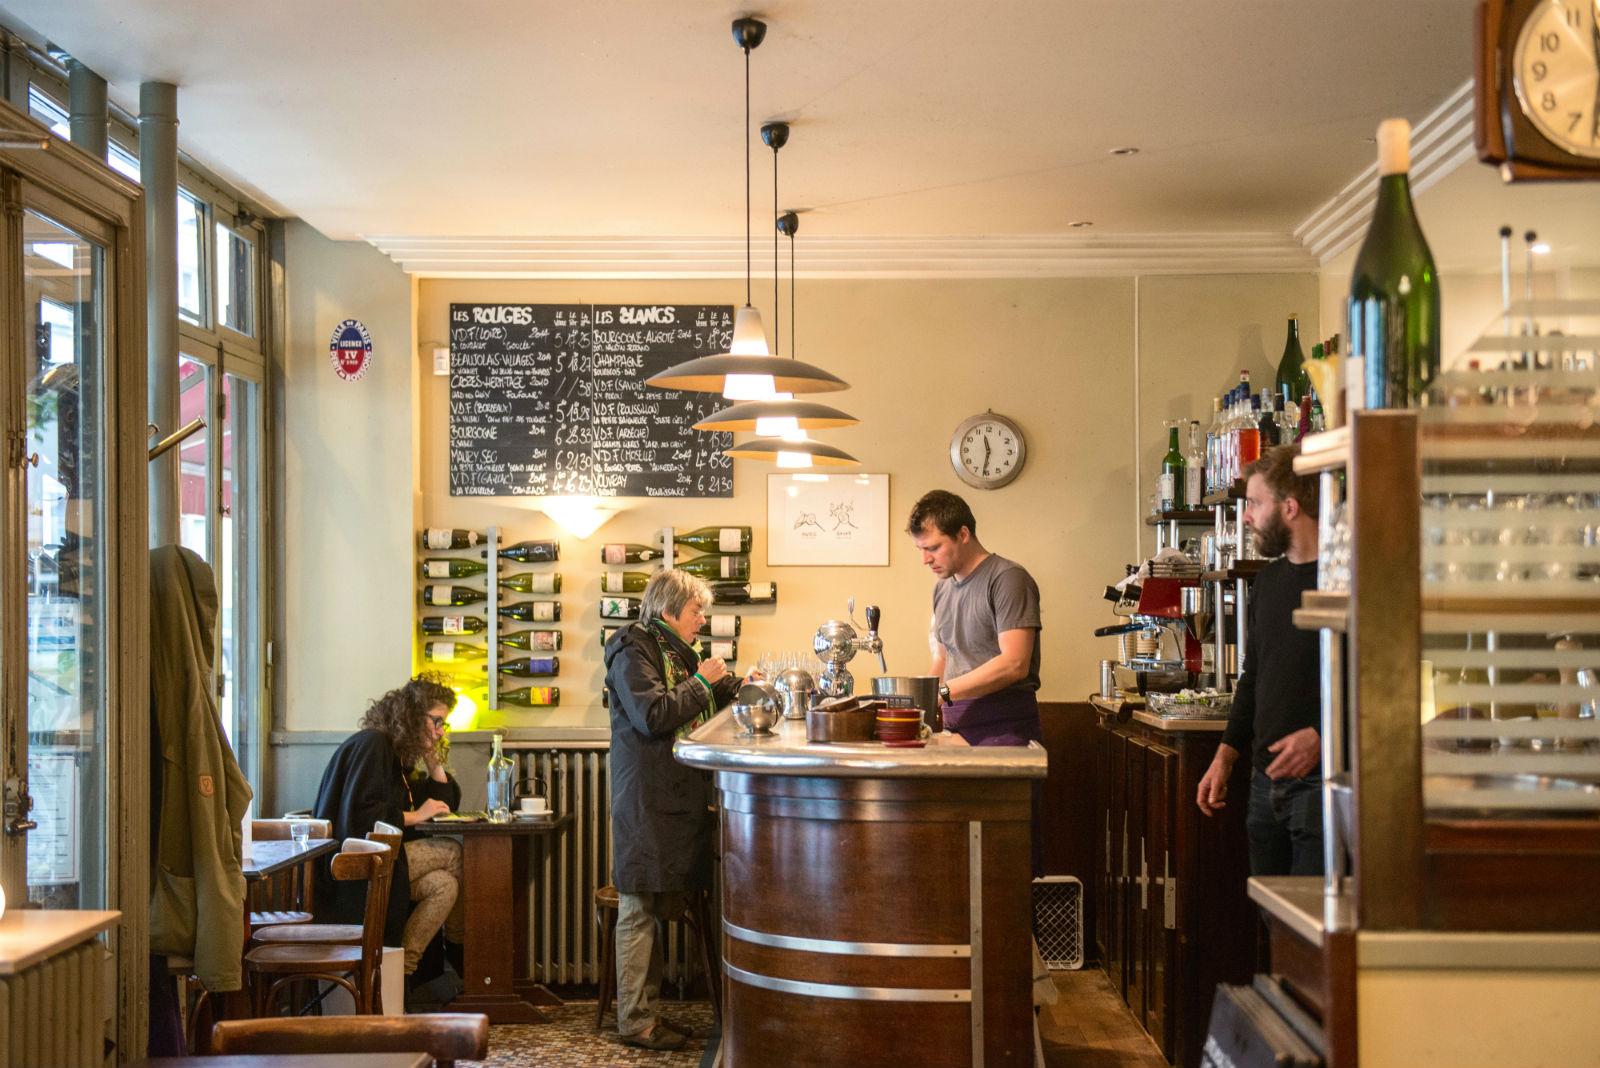 HiP Paris blog. Cafe de la Nouvelle Mairie. Natural light and natural material decor.